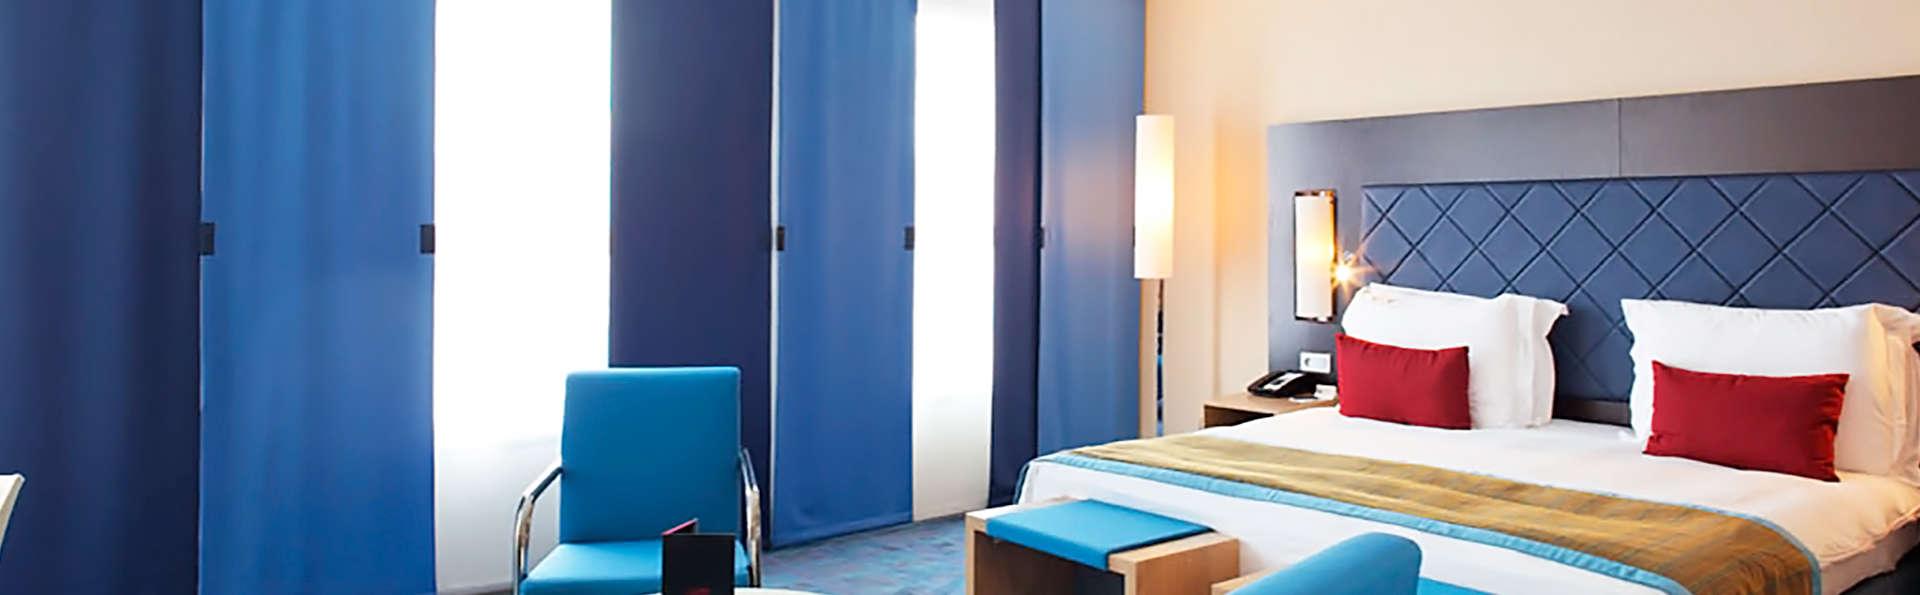 week end avec d ner blagnac avec 1 acc s au spa pour 2 adultes partir de 209. Black Bedroom Furniture Sets. Home Design Ideas